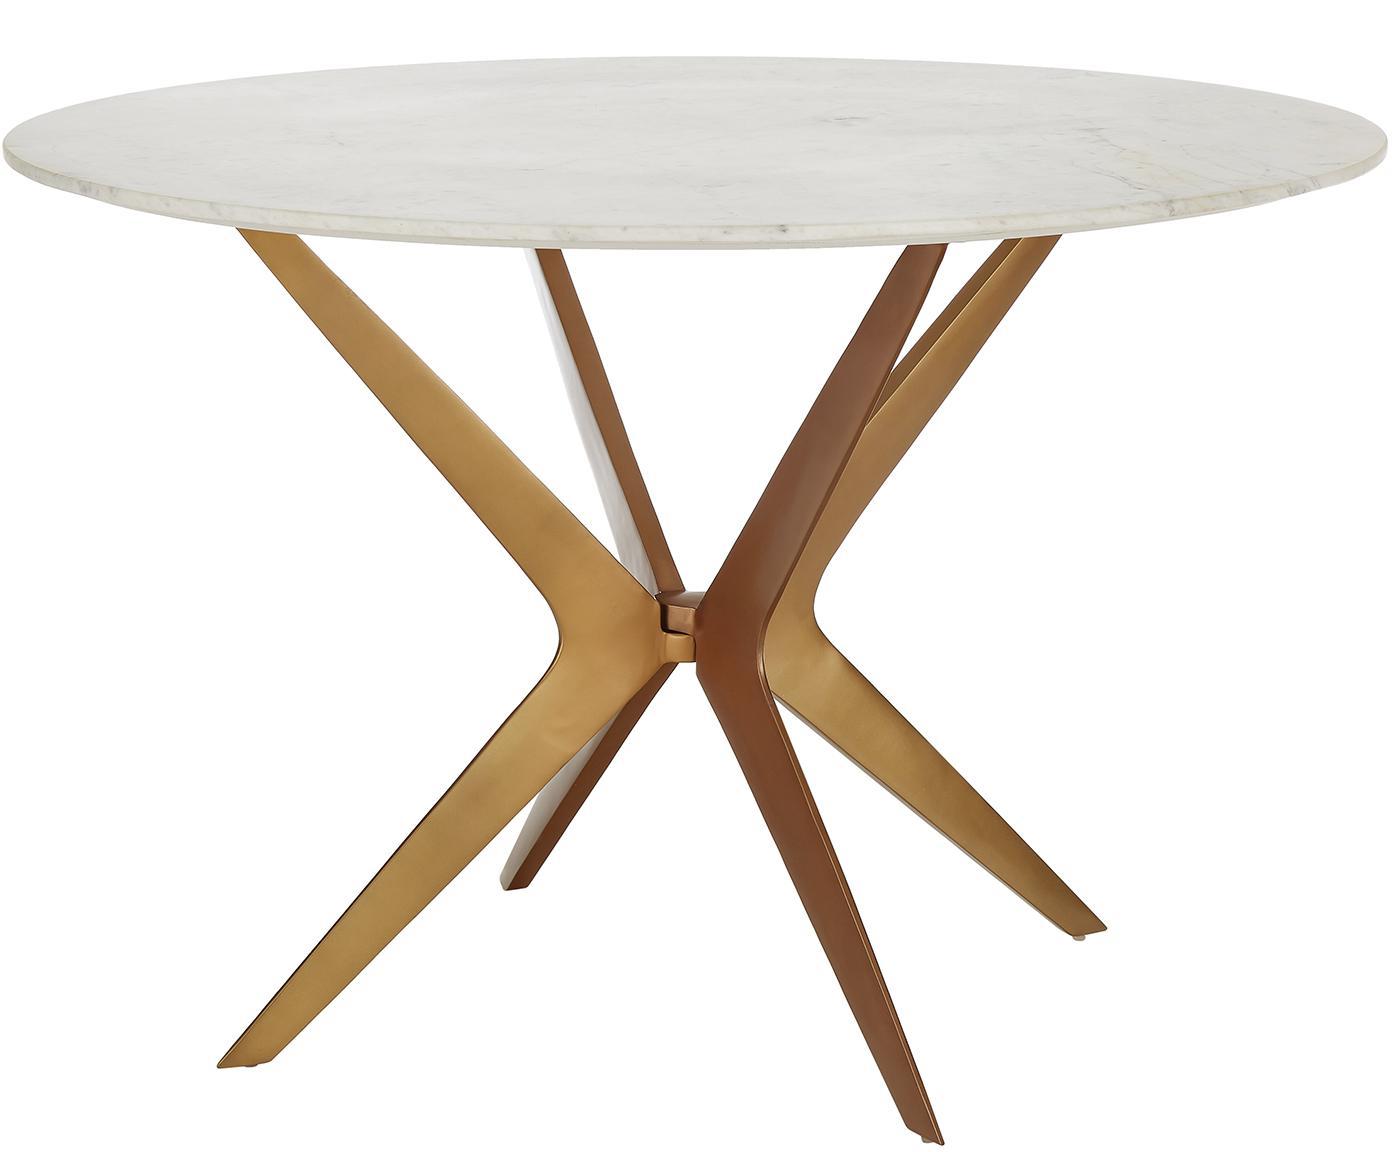 Okrągły stół do jadalni z marmuru Safia, Blat: marmur kamień, Nogi: metal malowany proszkowo, Blat: białoszary marmur Stelaż: odcienie złotego, matowy, Ø 120 x W 76 cm